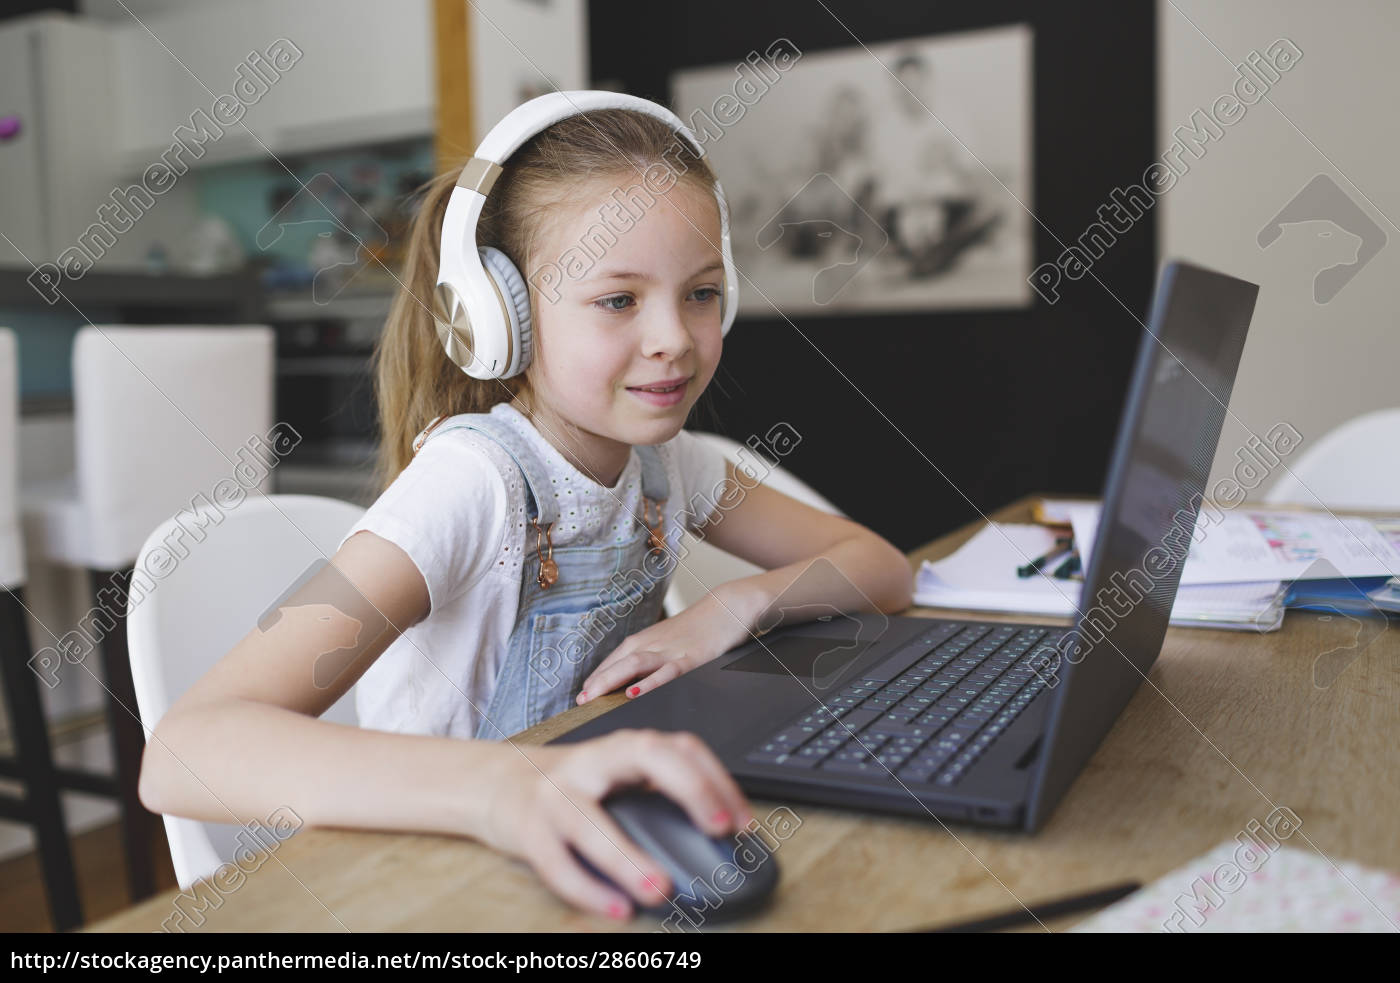 bella, ragazza, con, cuffie, e, laptop - 28606749